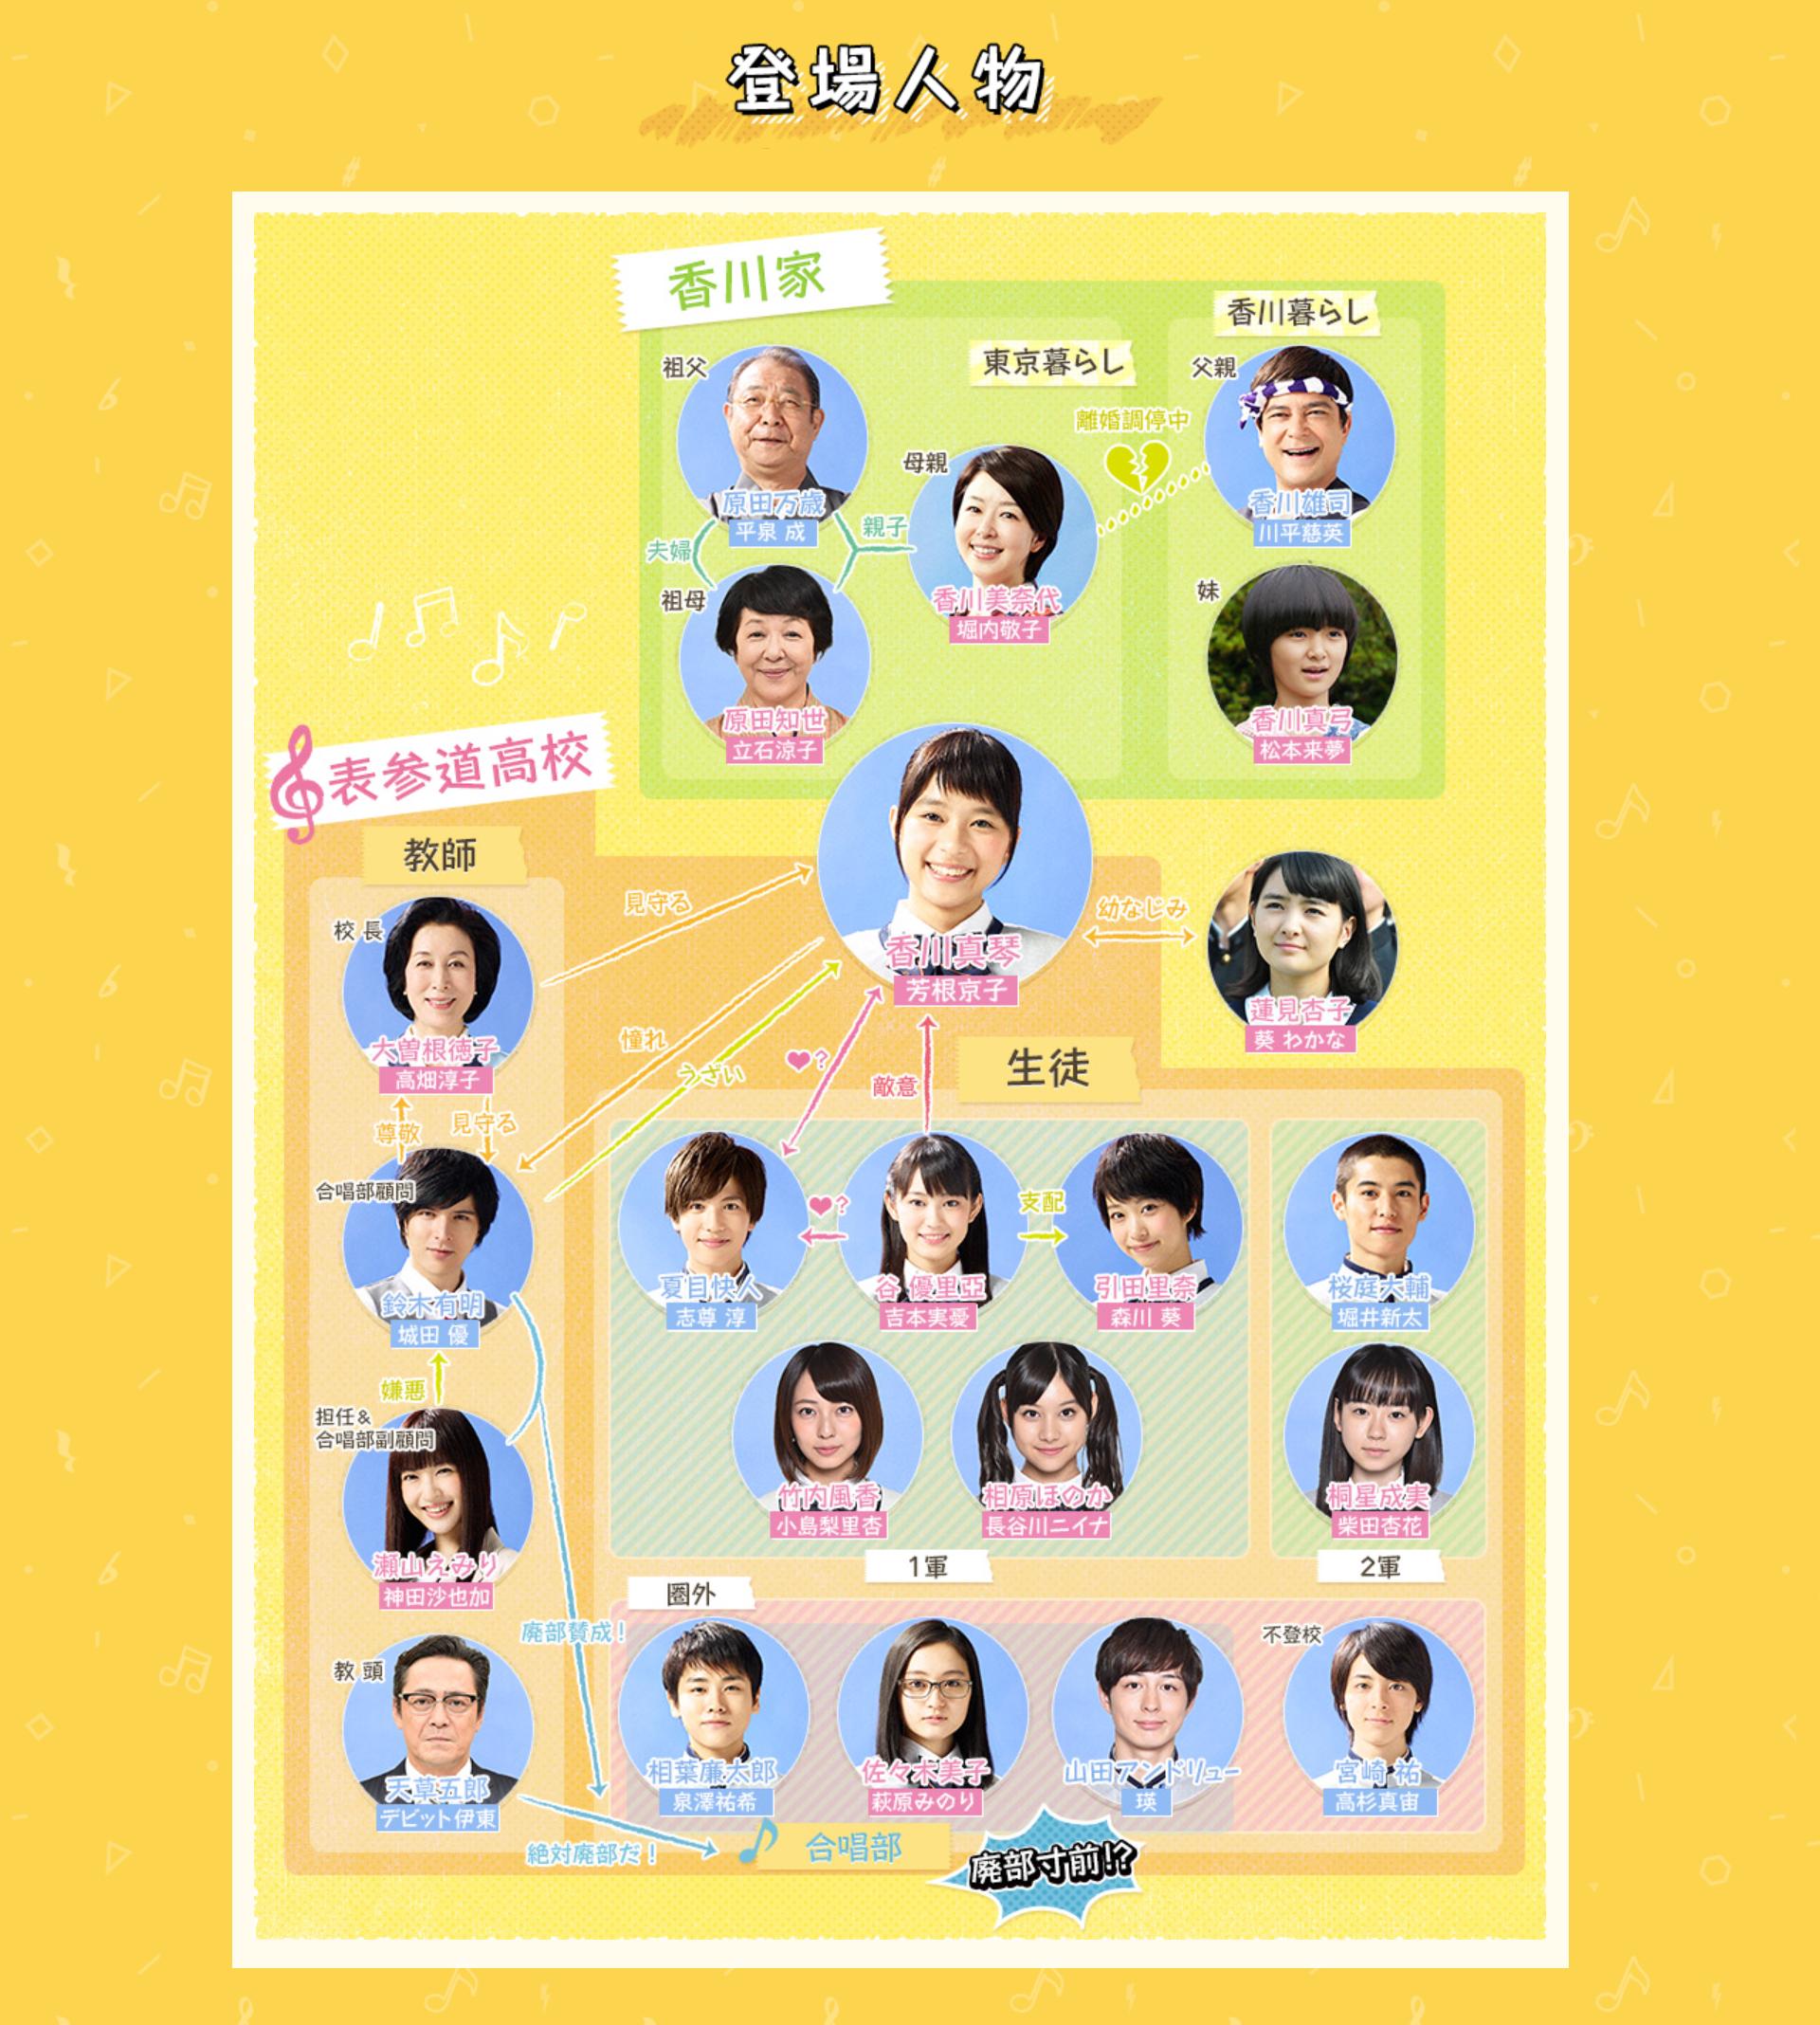 表参道高校合唱部!の画像 p1_40